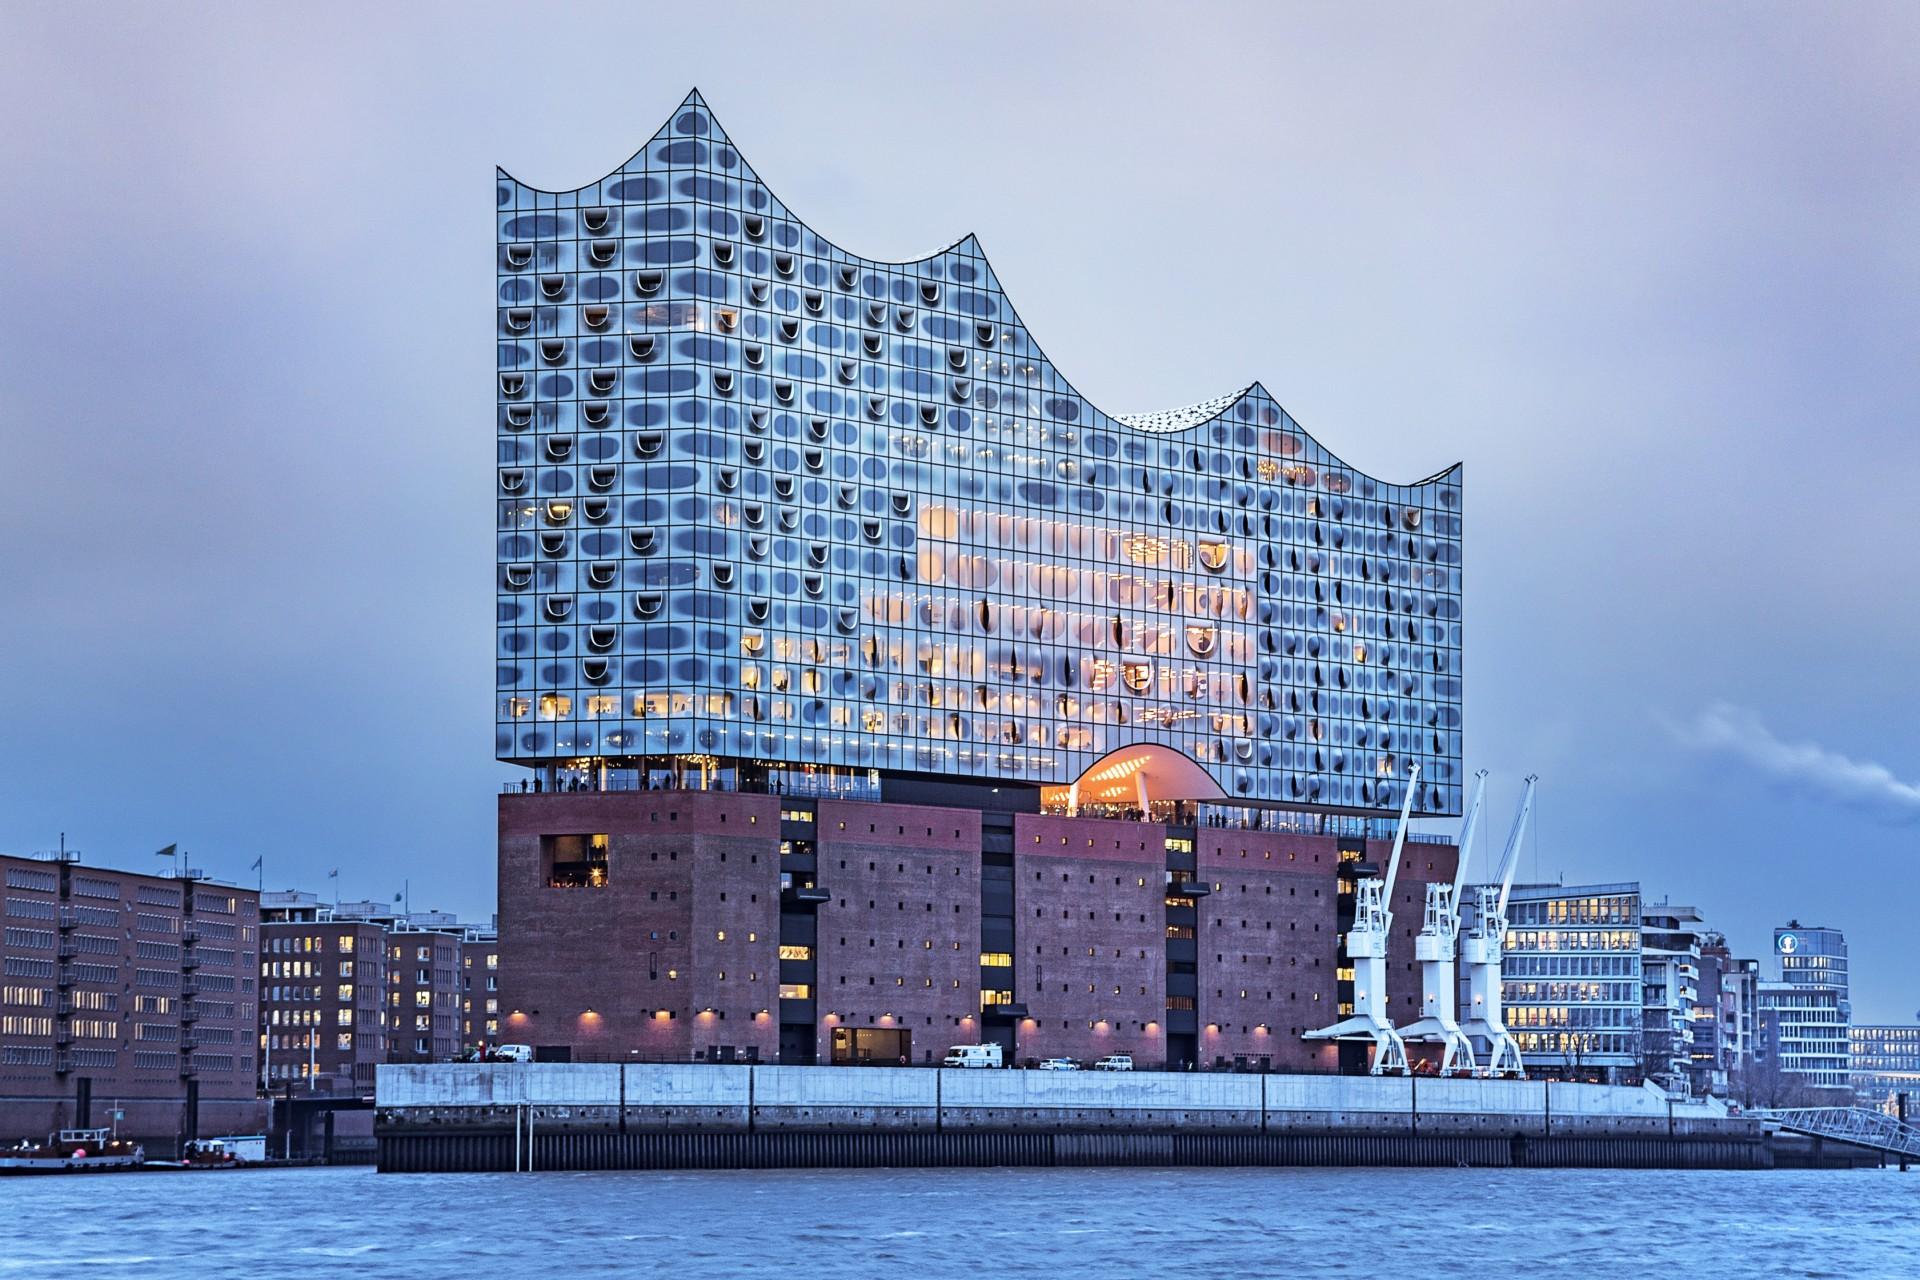 Architetture tedesche, brutalismo e architettura al femminile tre mostre al DAM